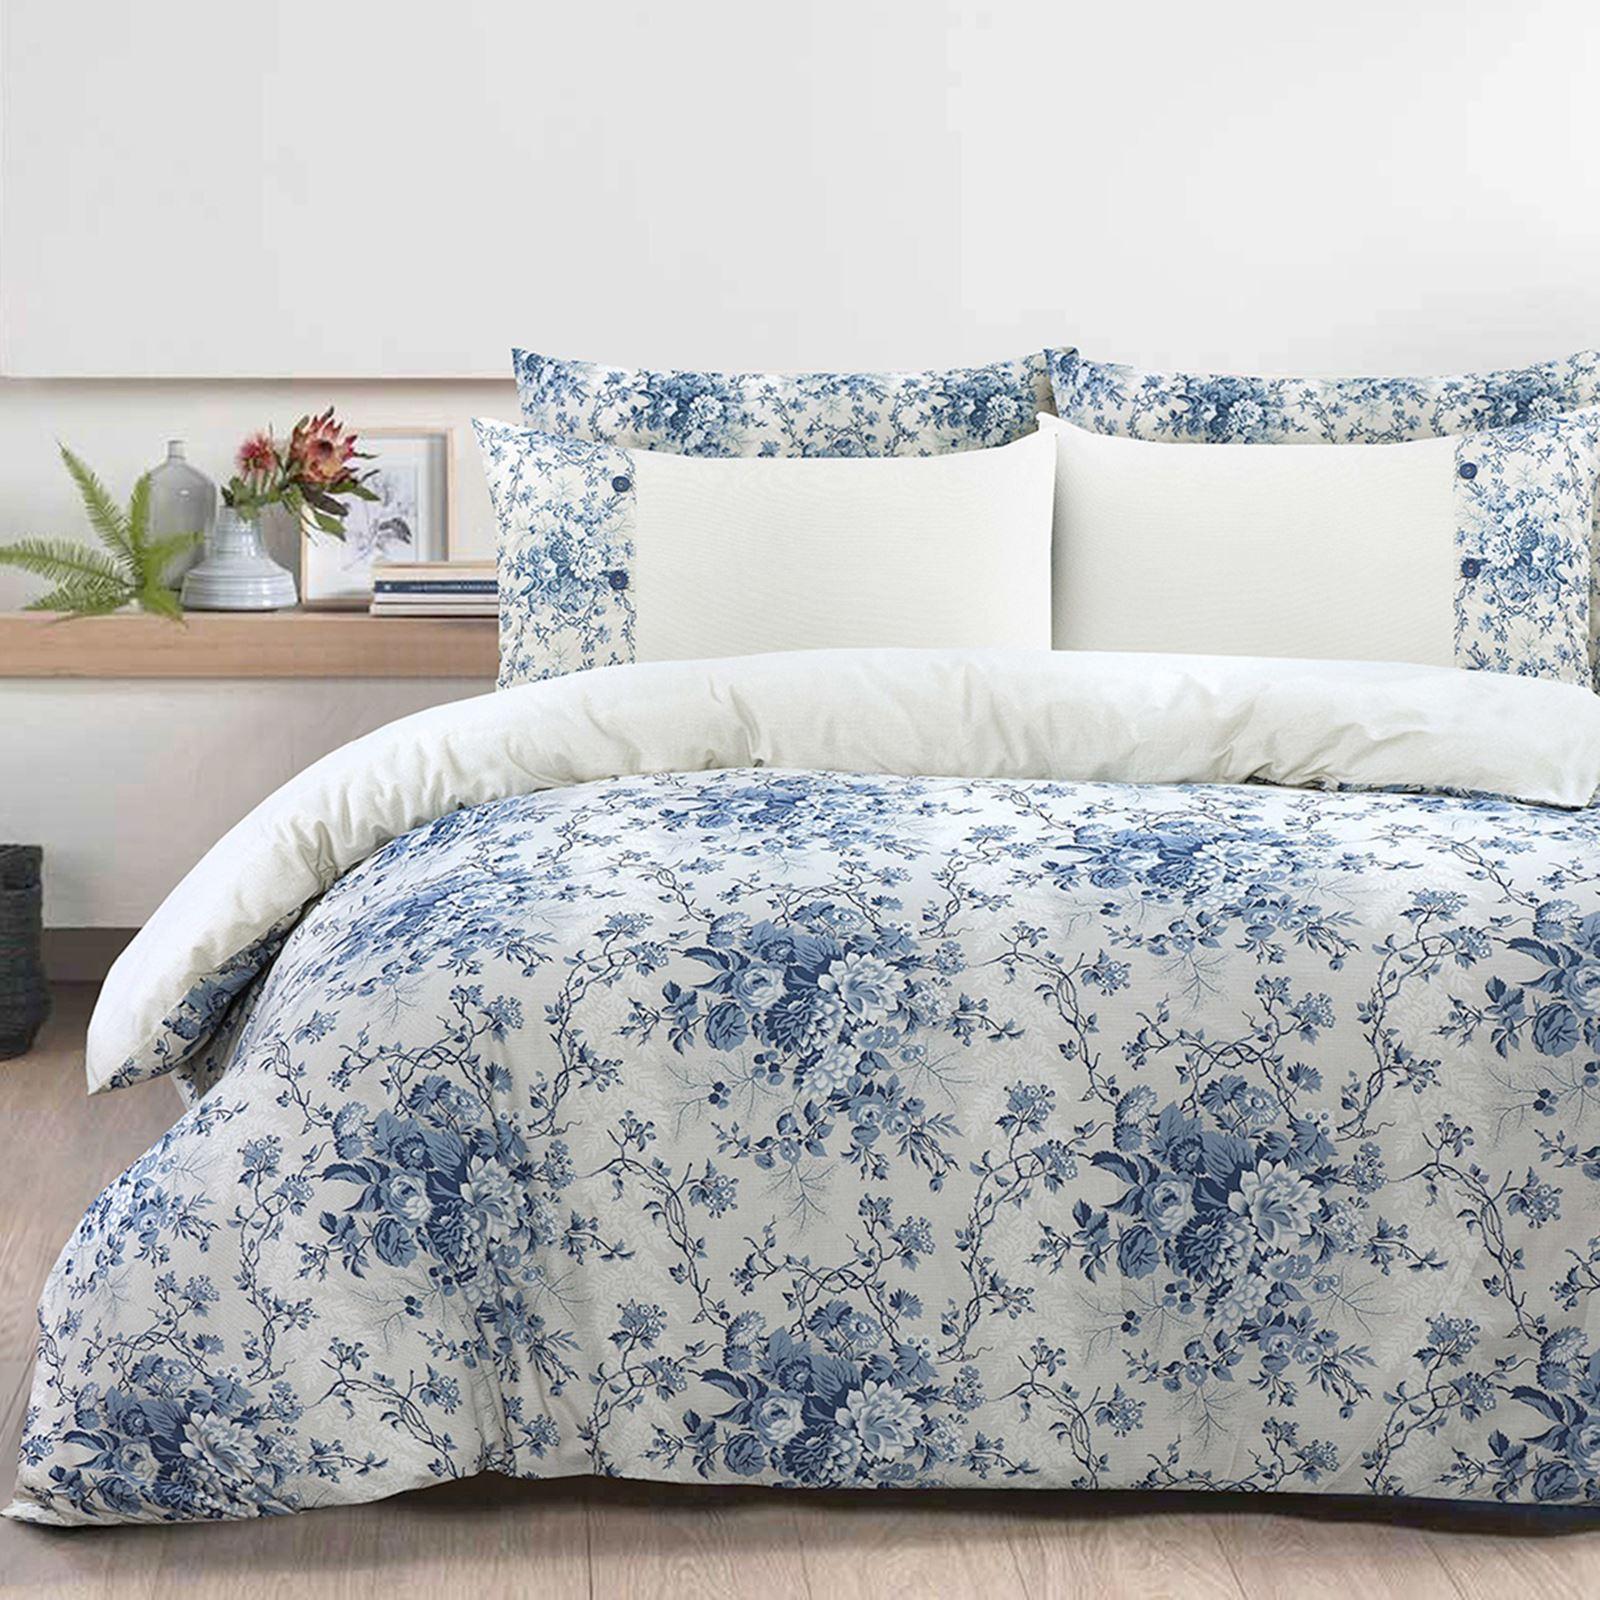 100-Algodon-Cuidado-facil-cubierta-del-edredon-edredon-multicolor-nuevo-conjunto-de-ropa-de-cama miniatura 9